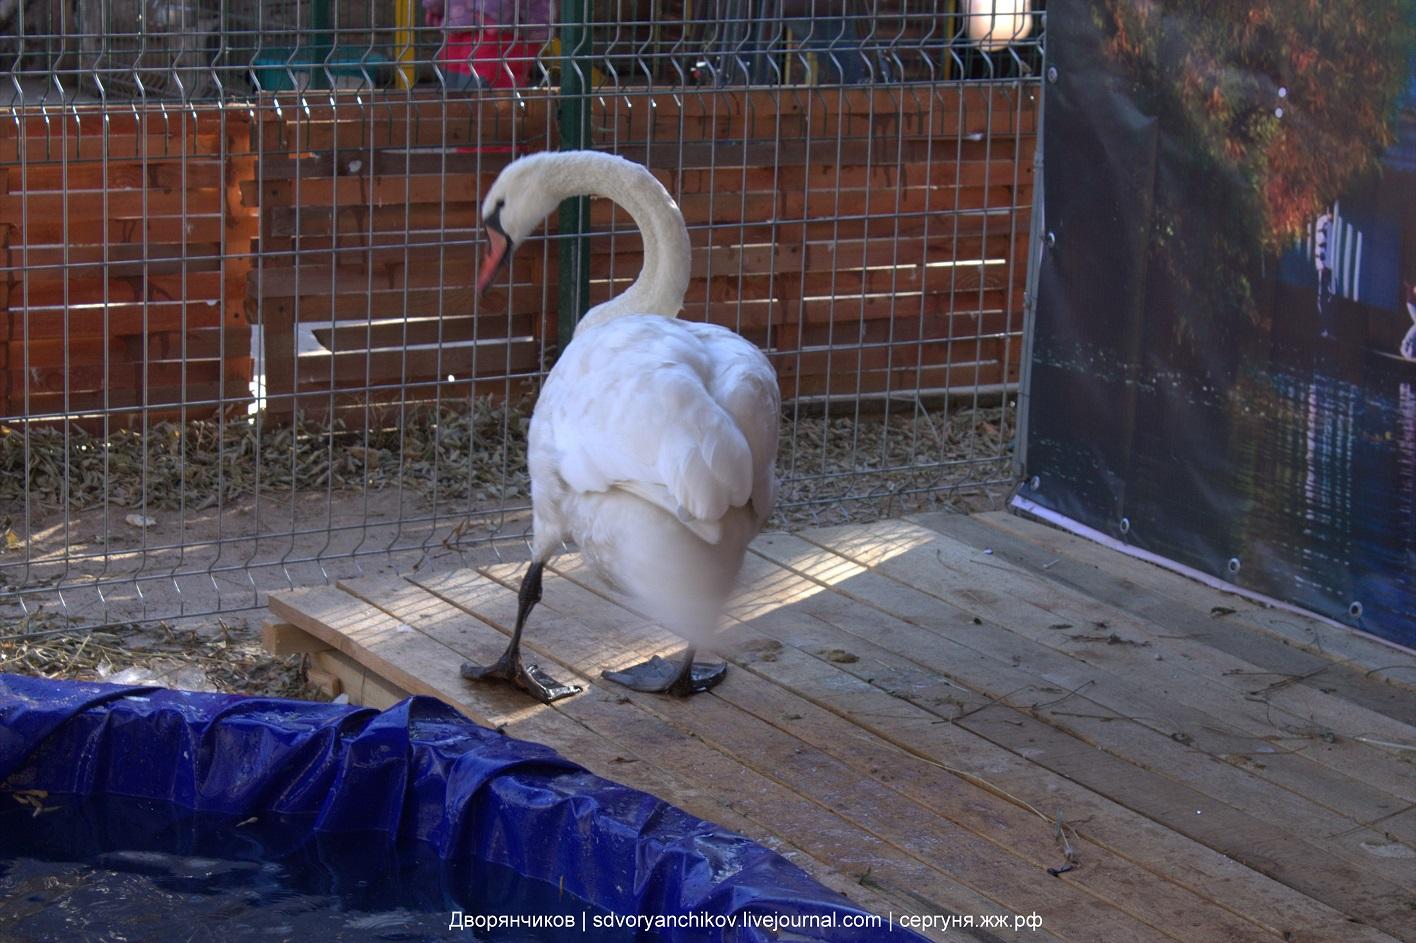 Лебедь и Вести - новоселье в Зоодворике - Парк ВГС - 23 ноября 2016